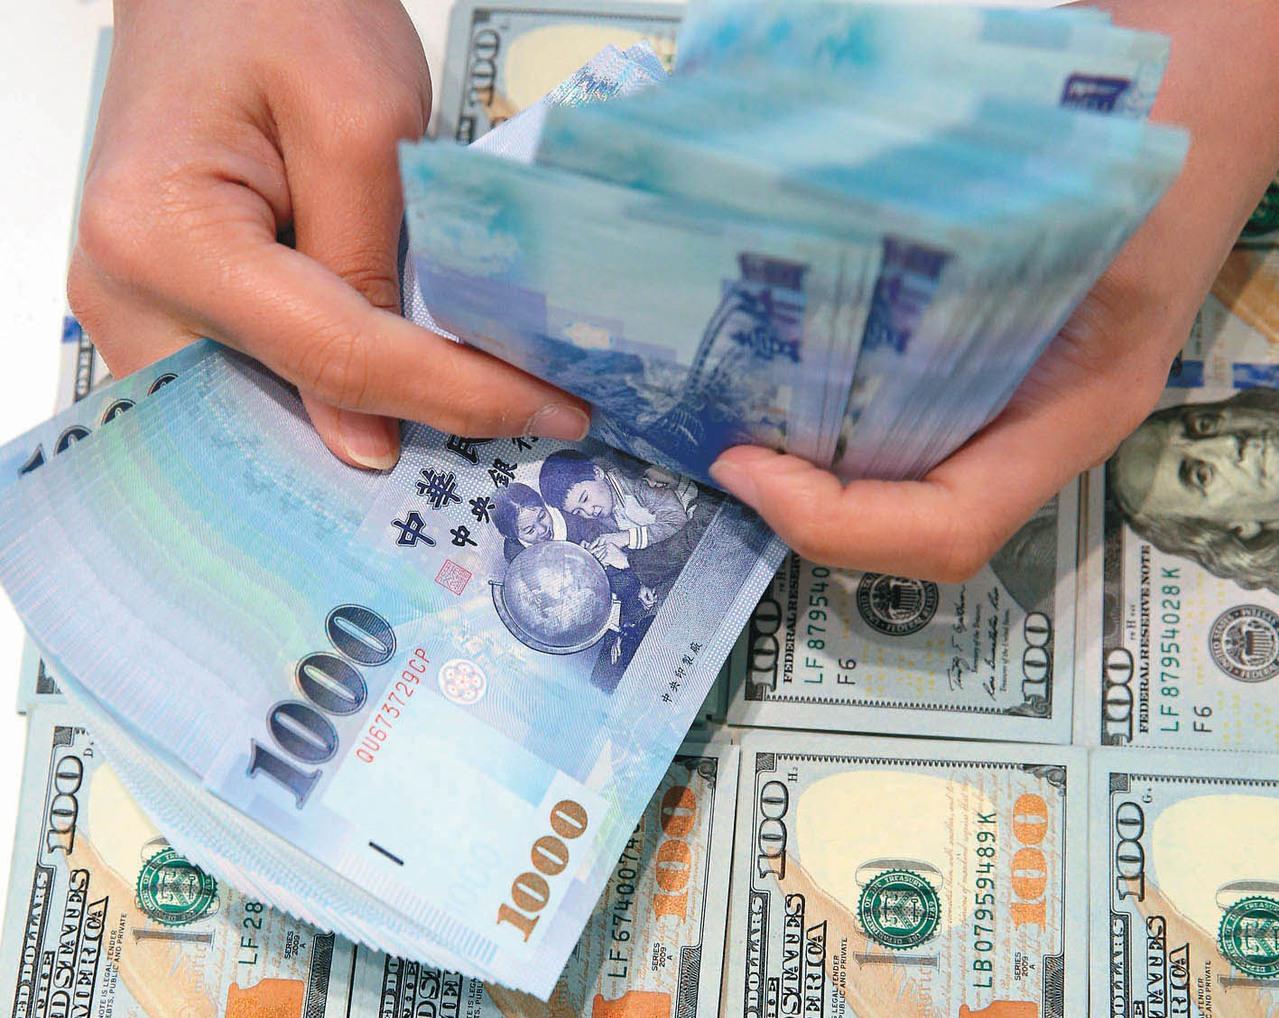 新台幣兌美元匯率開低走低,早盤一度貶至31.515元。 聯合報系資料照